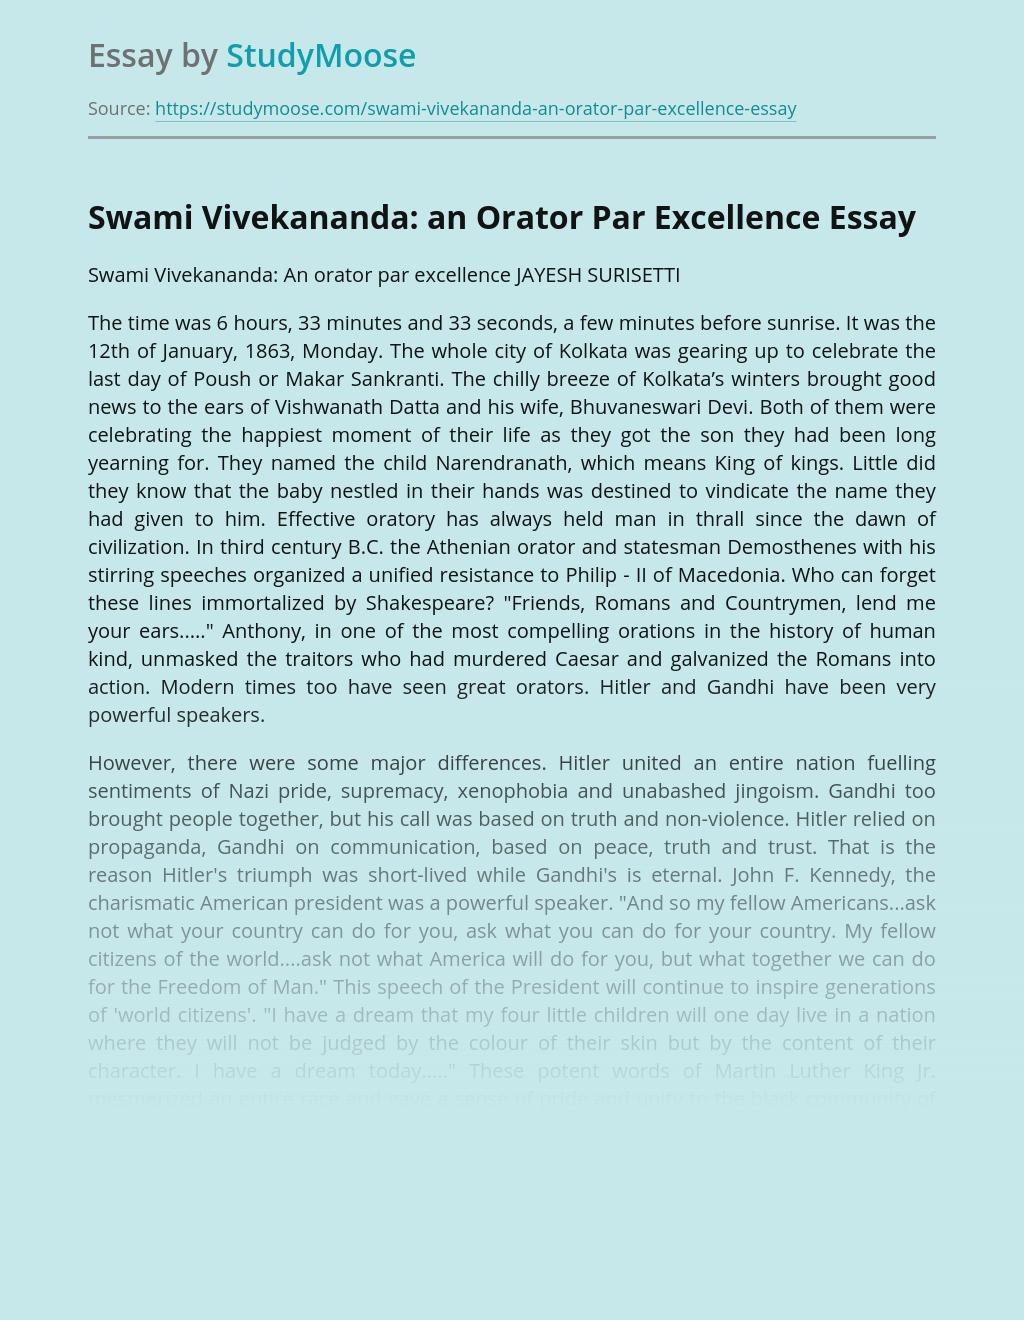 Swami Vivekananda: an Orator Par Excellence